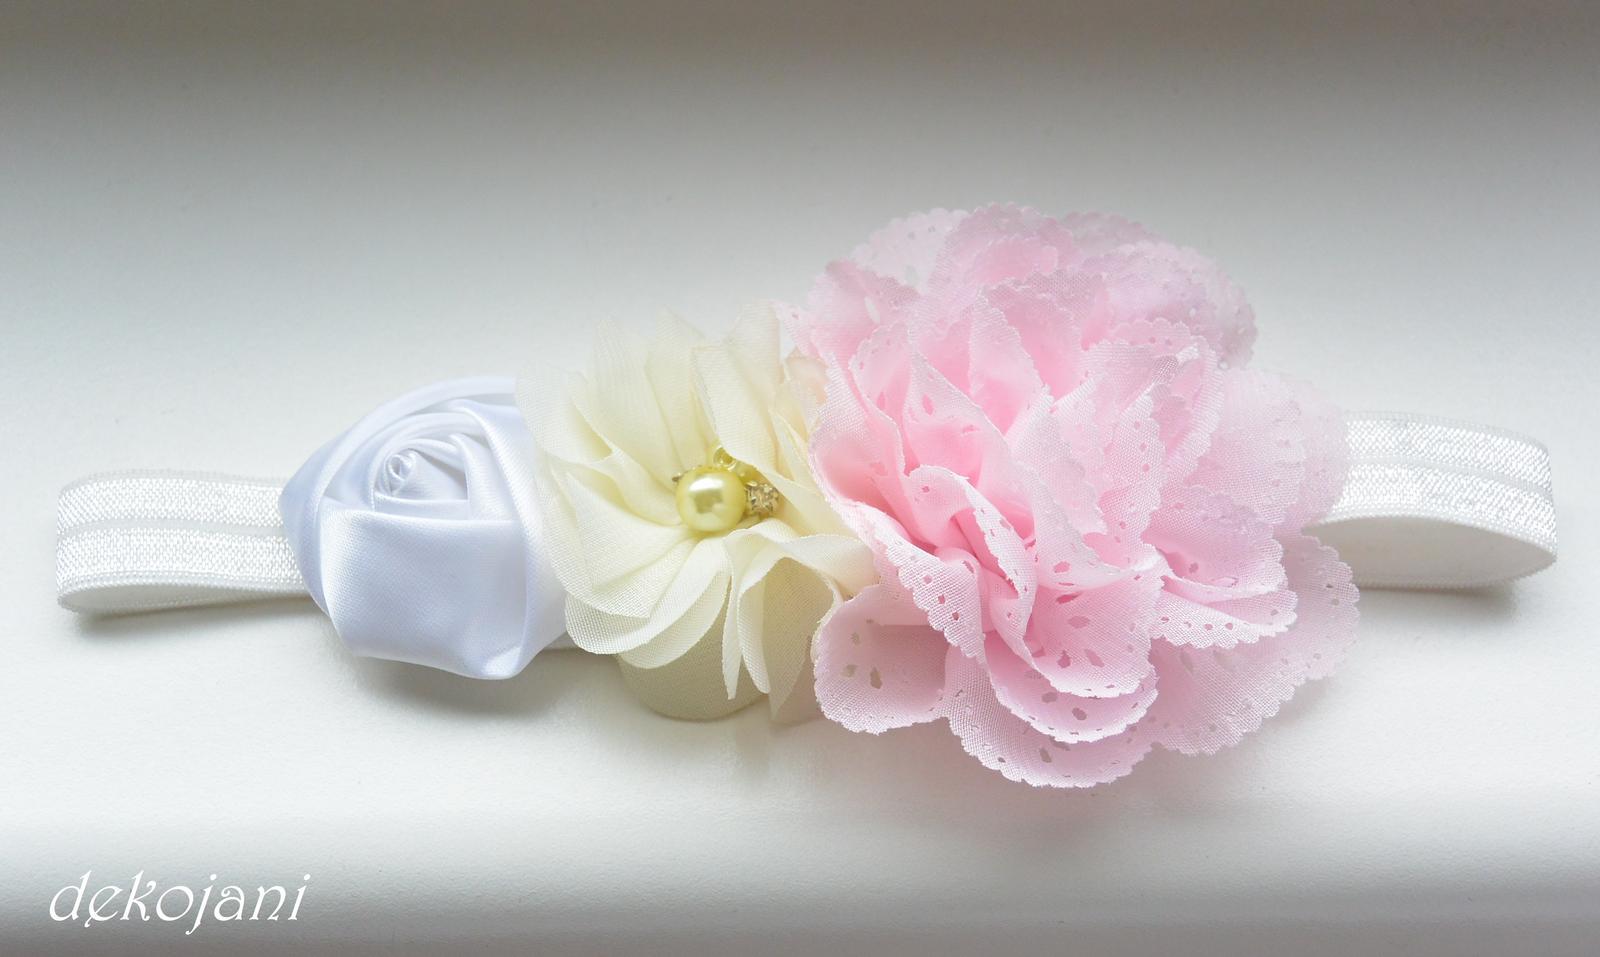 Čelenky, květiny do vlasů, náramky, obojek pro pejska... - Obrázek č. 36